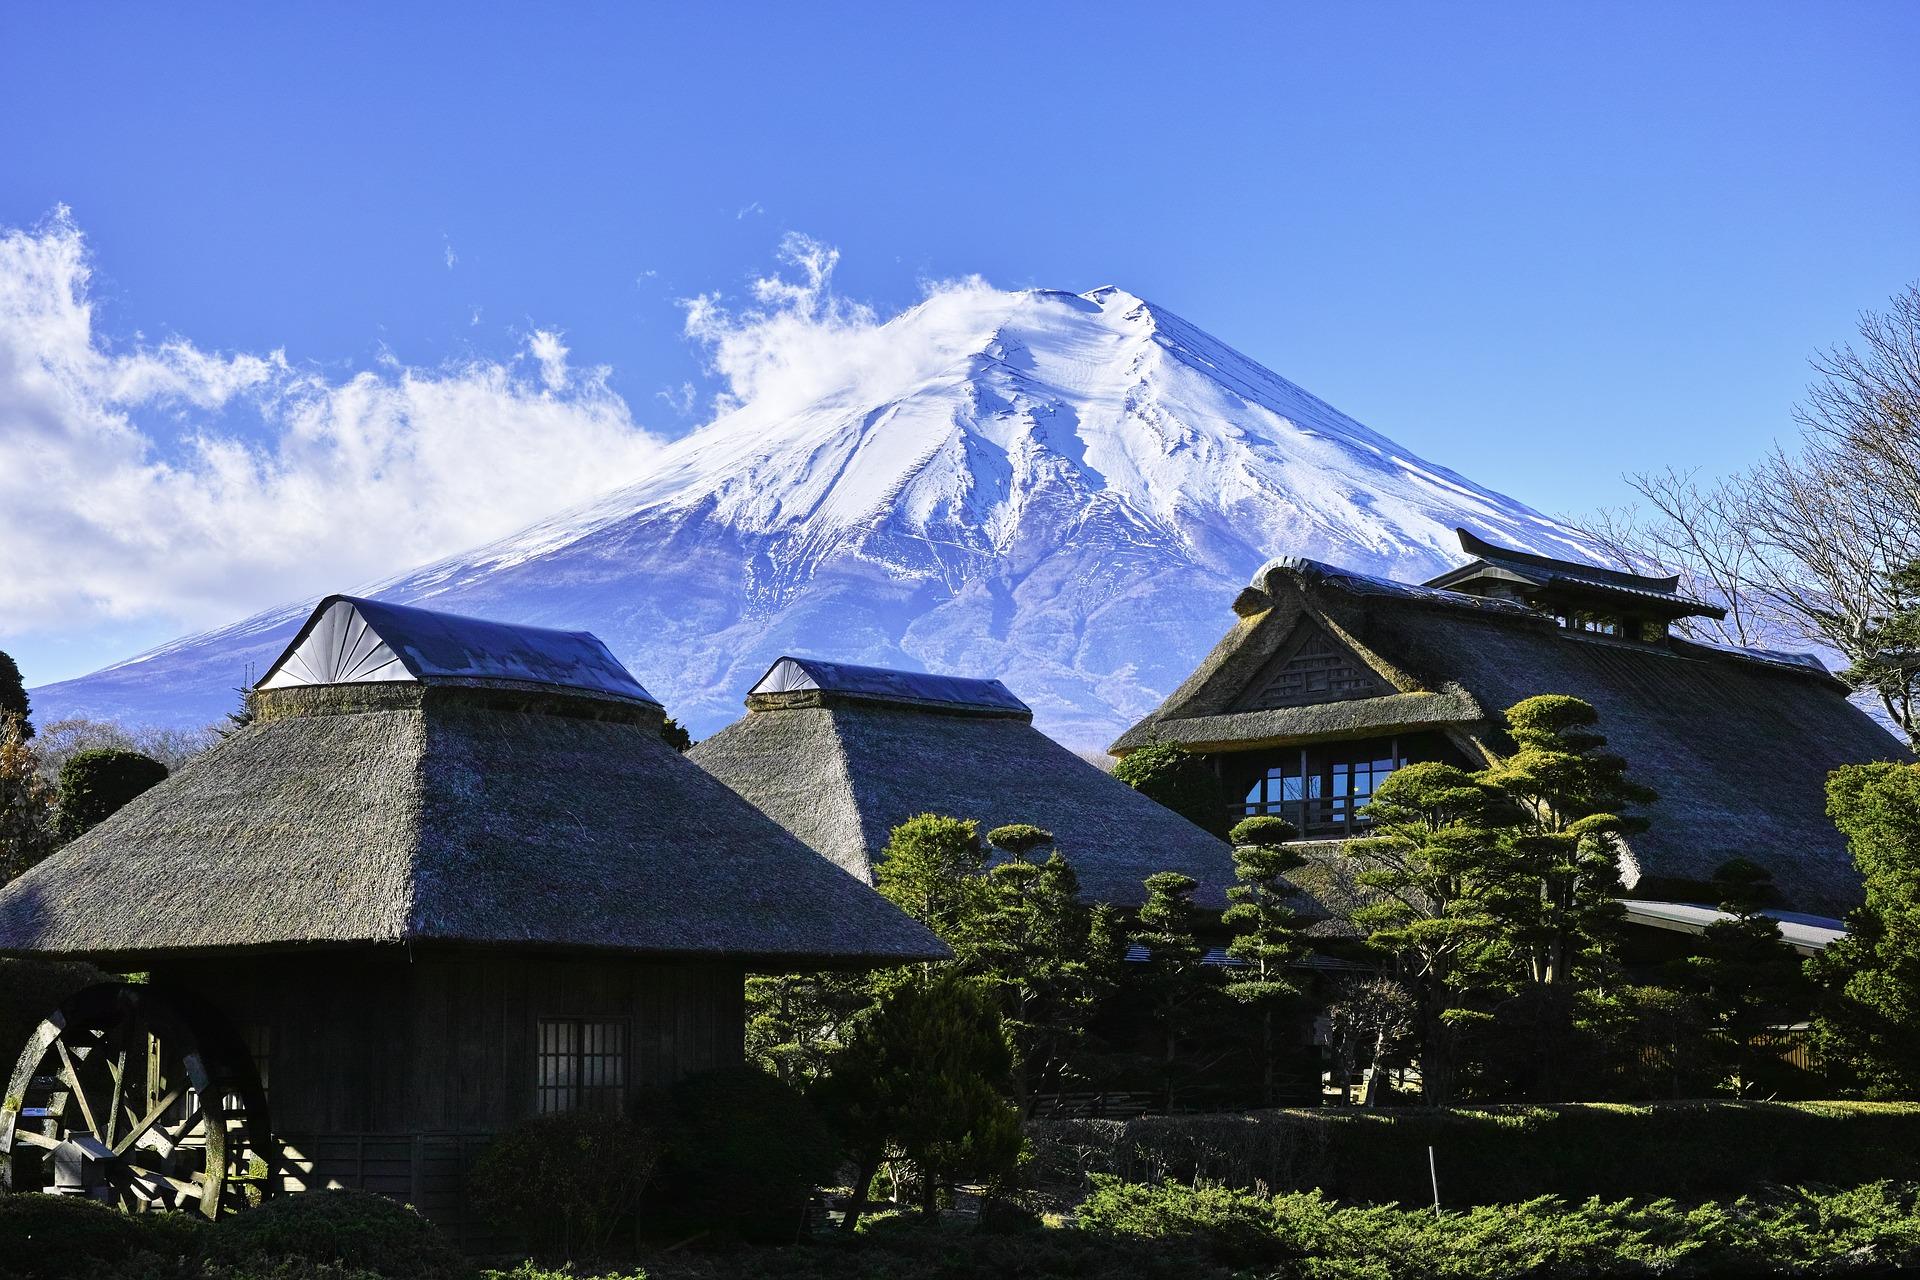 Tokyo with Mt. Fuji | Mt Fuji